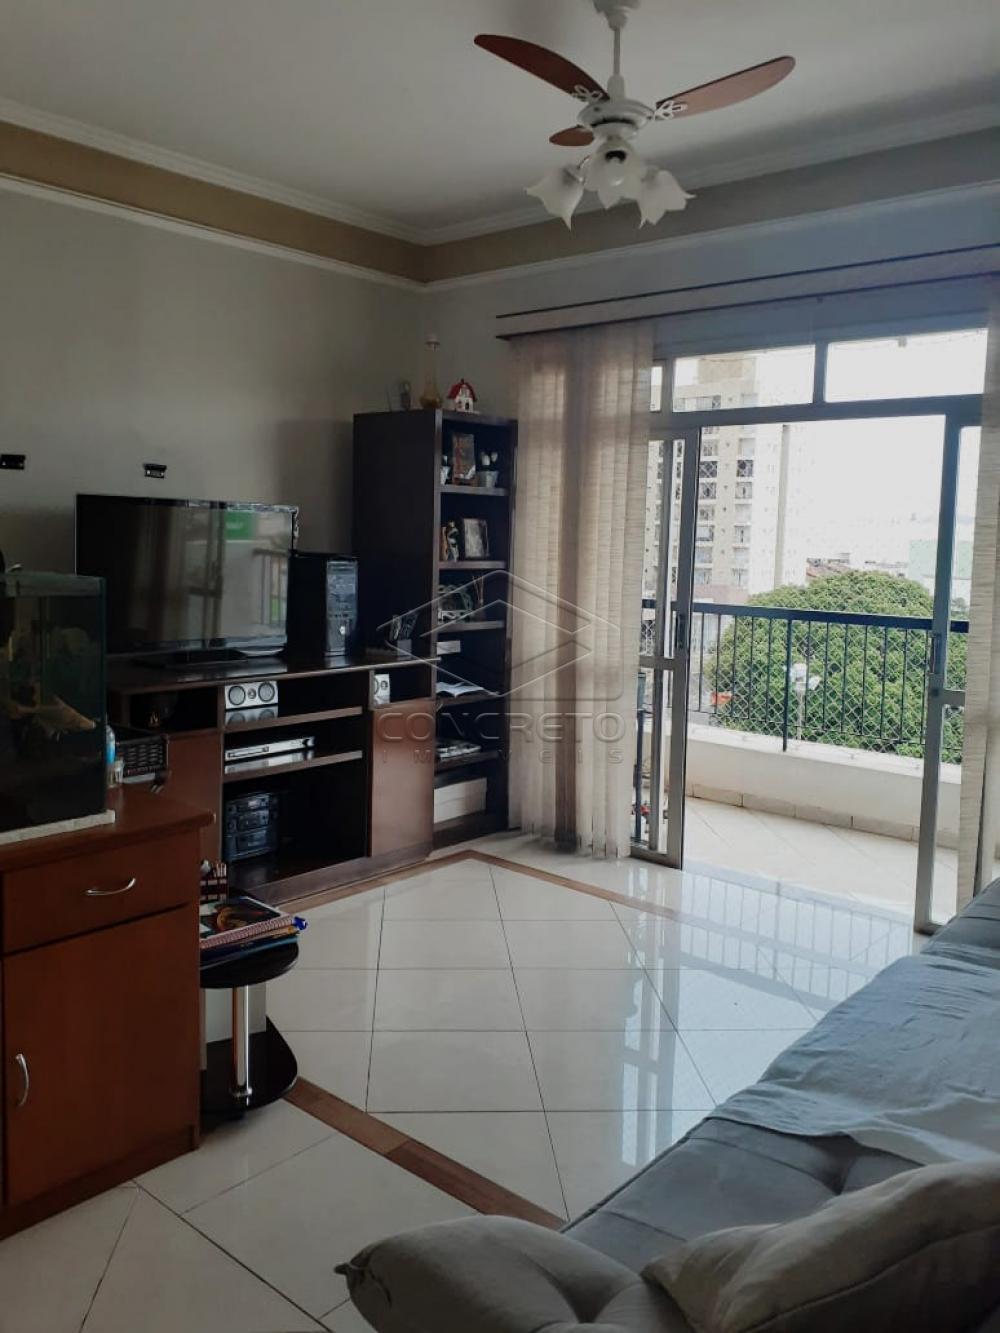 Comprar Apartamento / Padrão em Bauru apenas R$ 450.000,00 - Foto 7